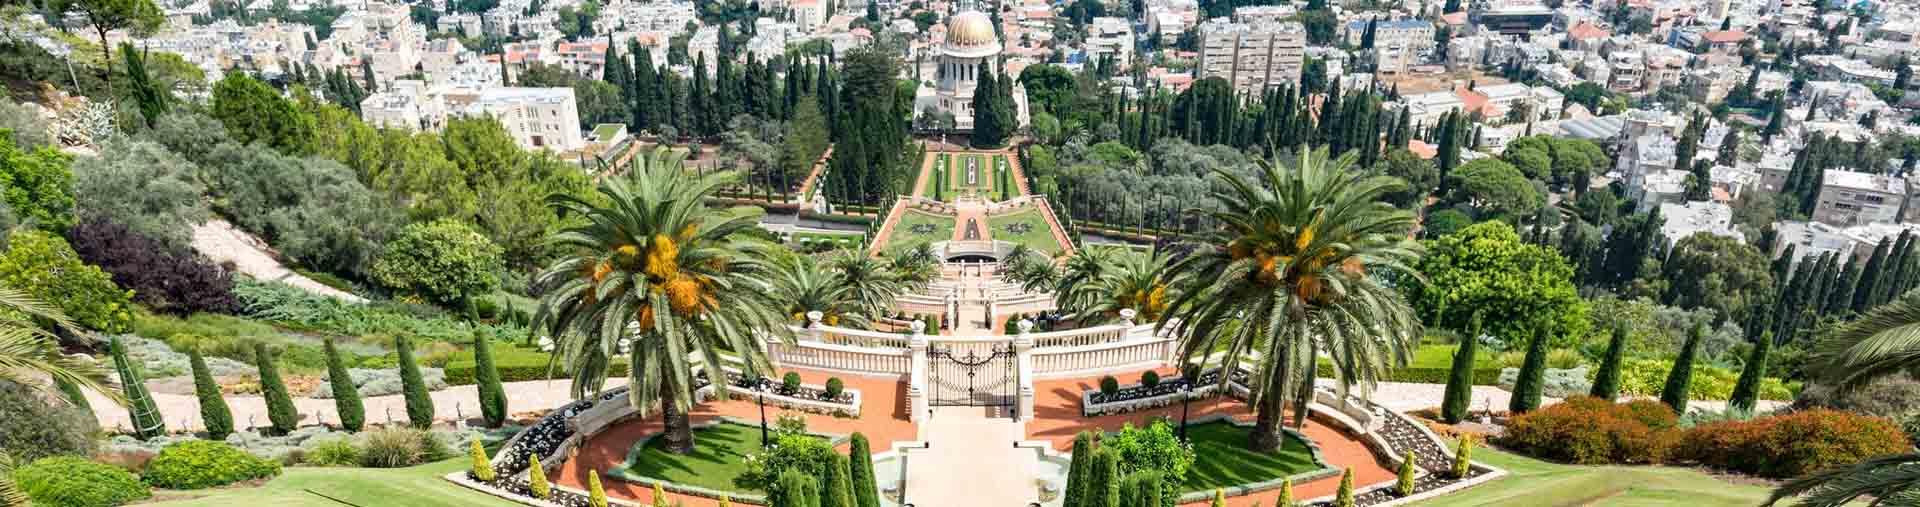 haifa bahai gardens